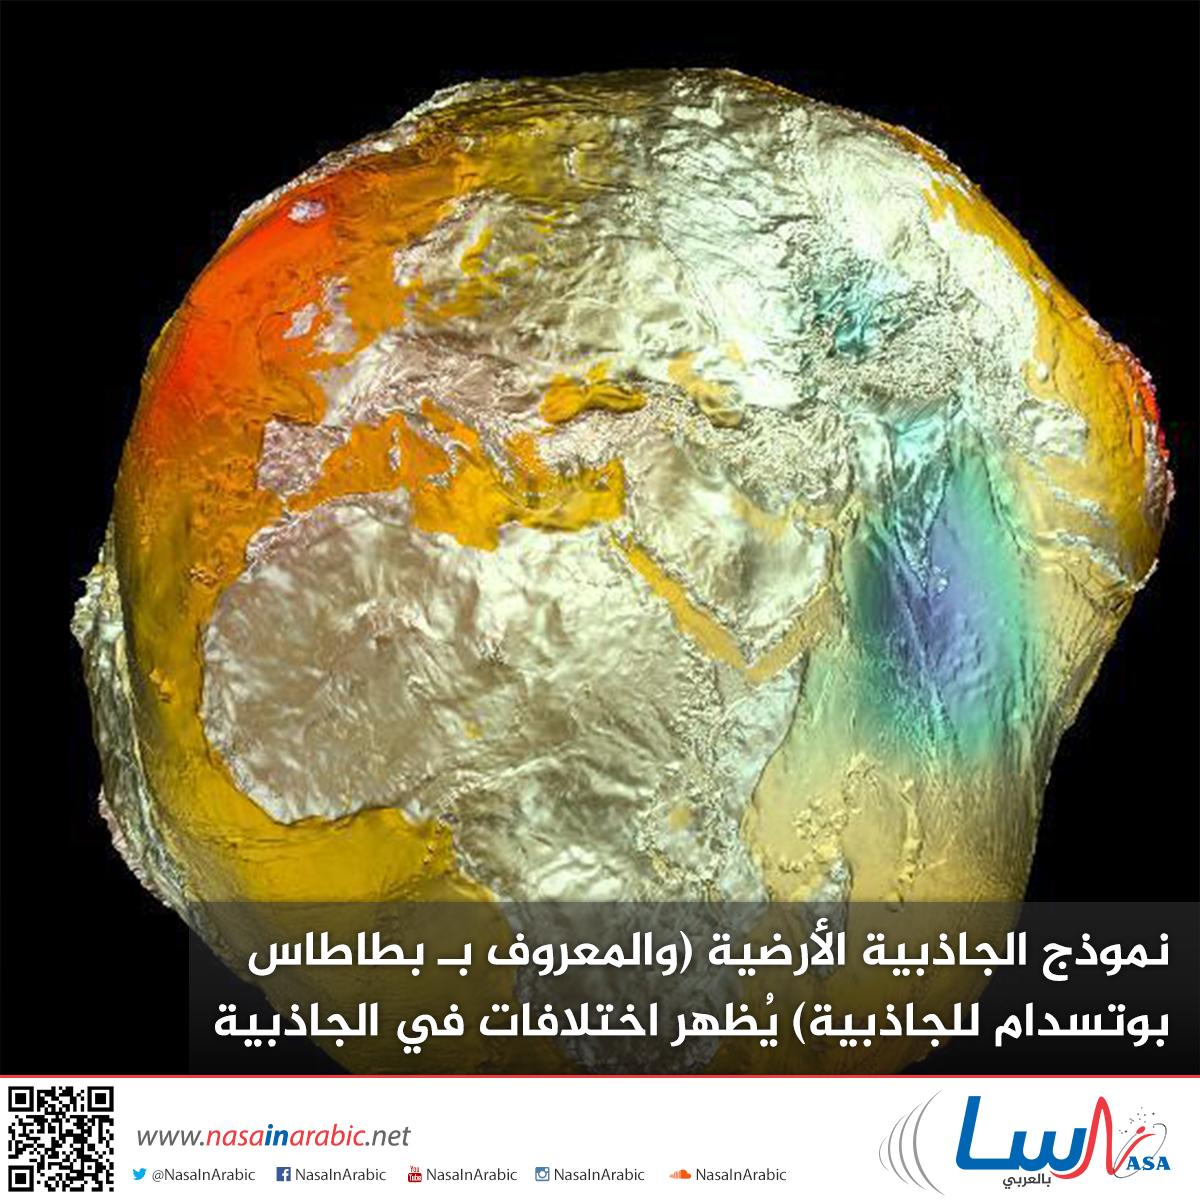 نموذج الجاذبية الأرضية (والمعروف بـ بطاطاس بوتسدام للجاذبية) يُظهر اختلافات في الجاذبية الأرضية